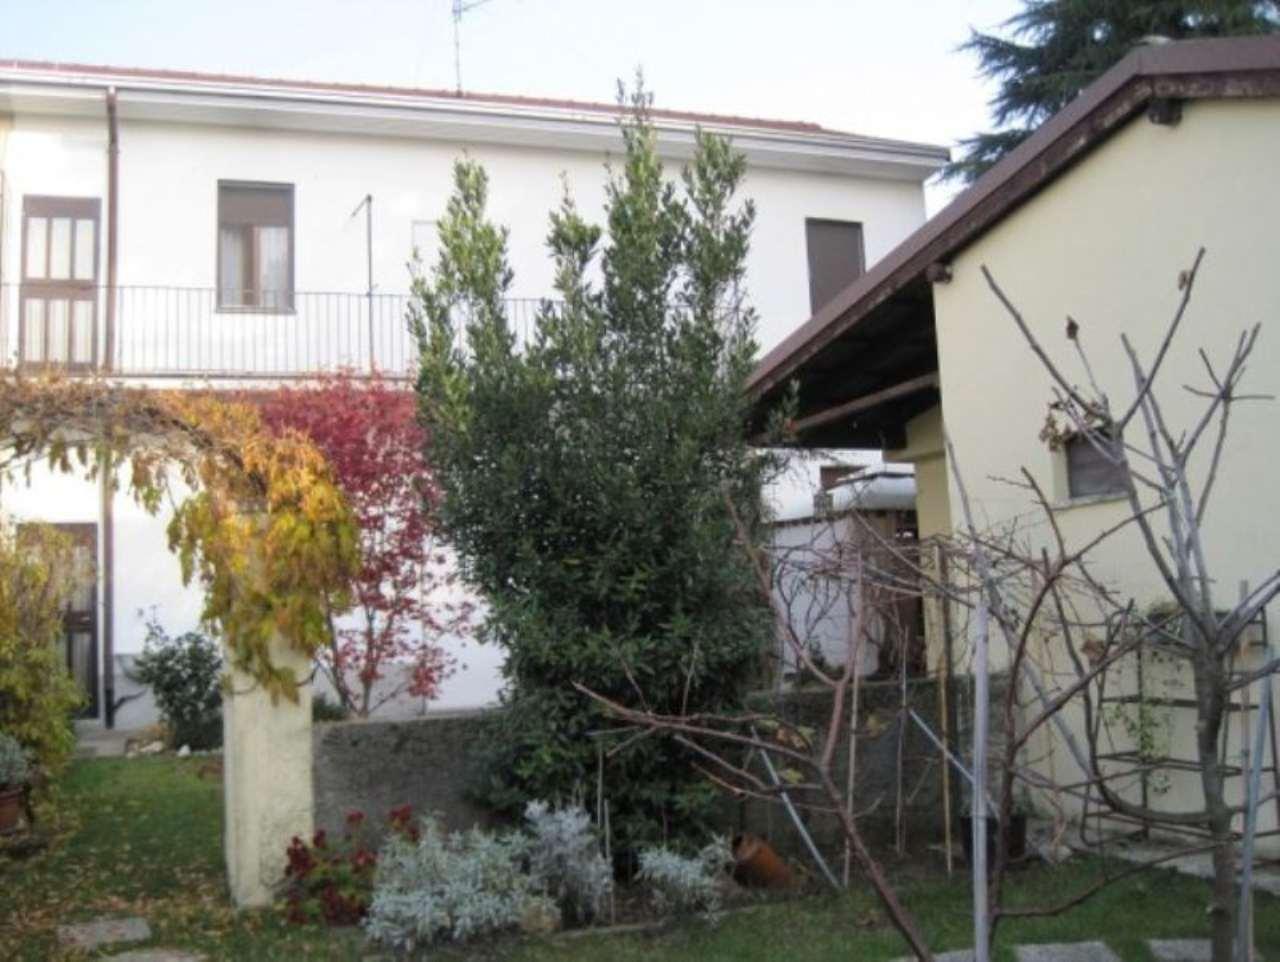 Soluzione Indipendente in vendita a Magnago, 4 locali, prezzo € 180.000 | CambioCasa.it